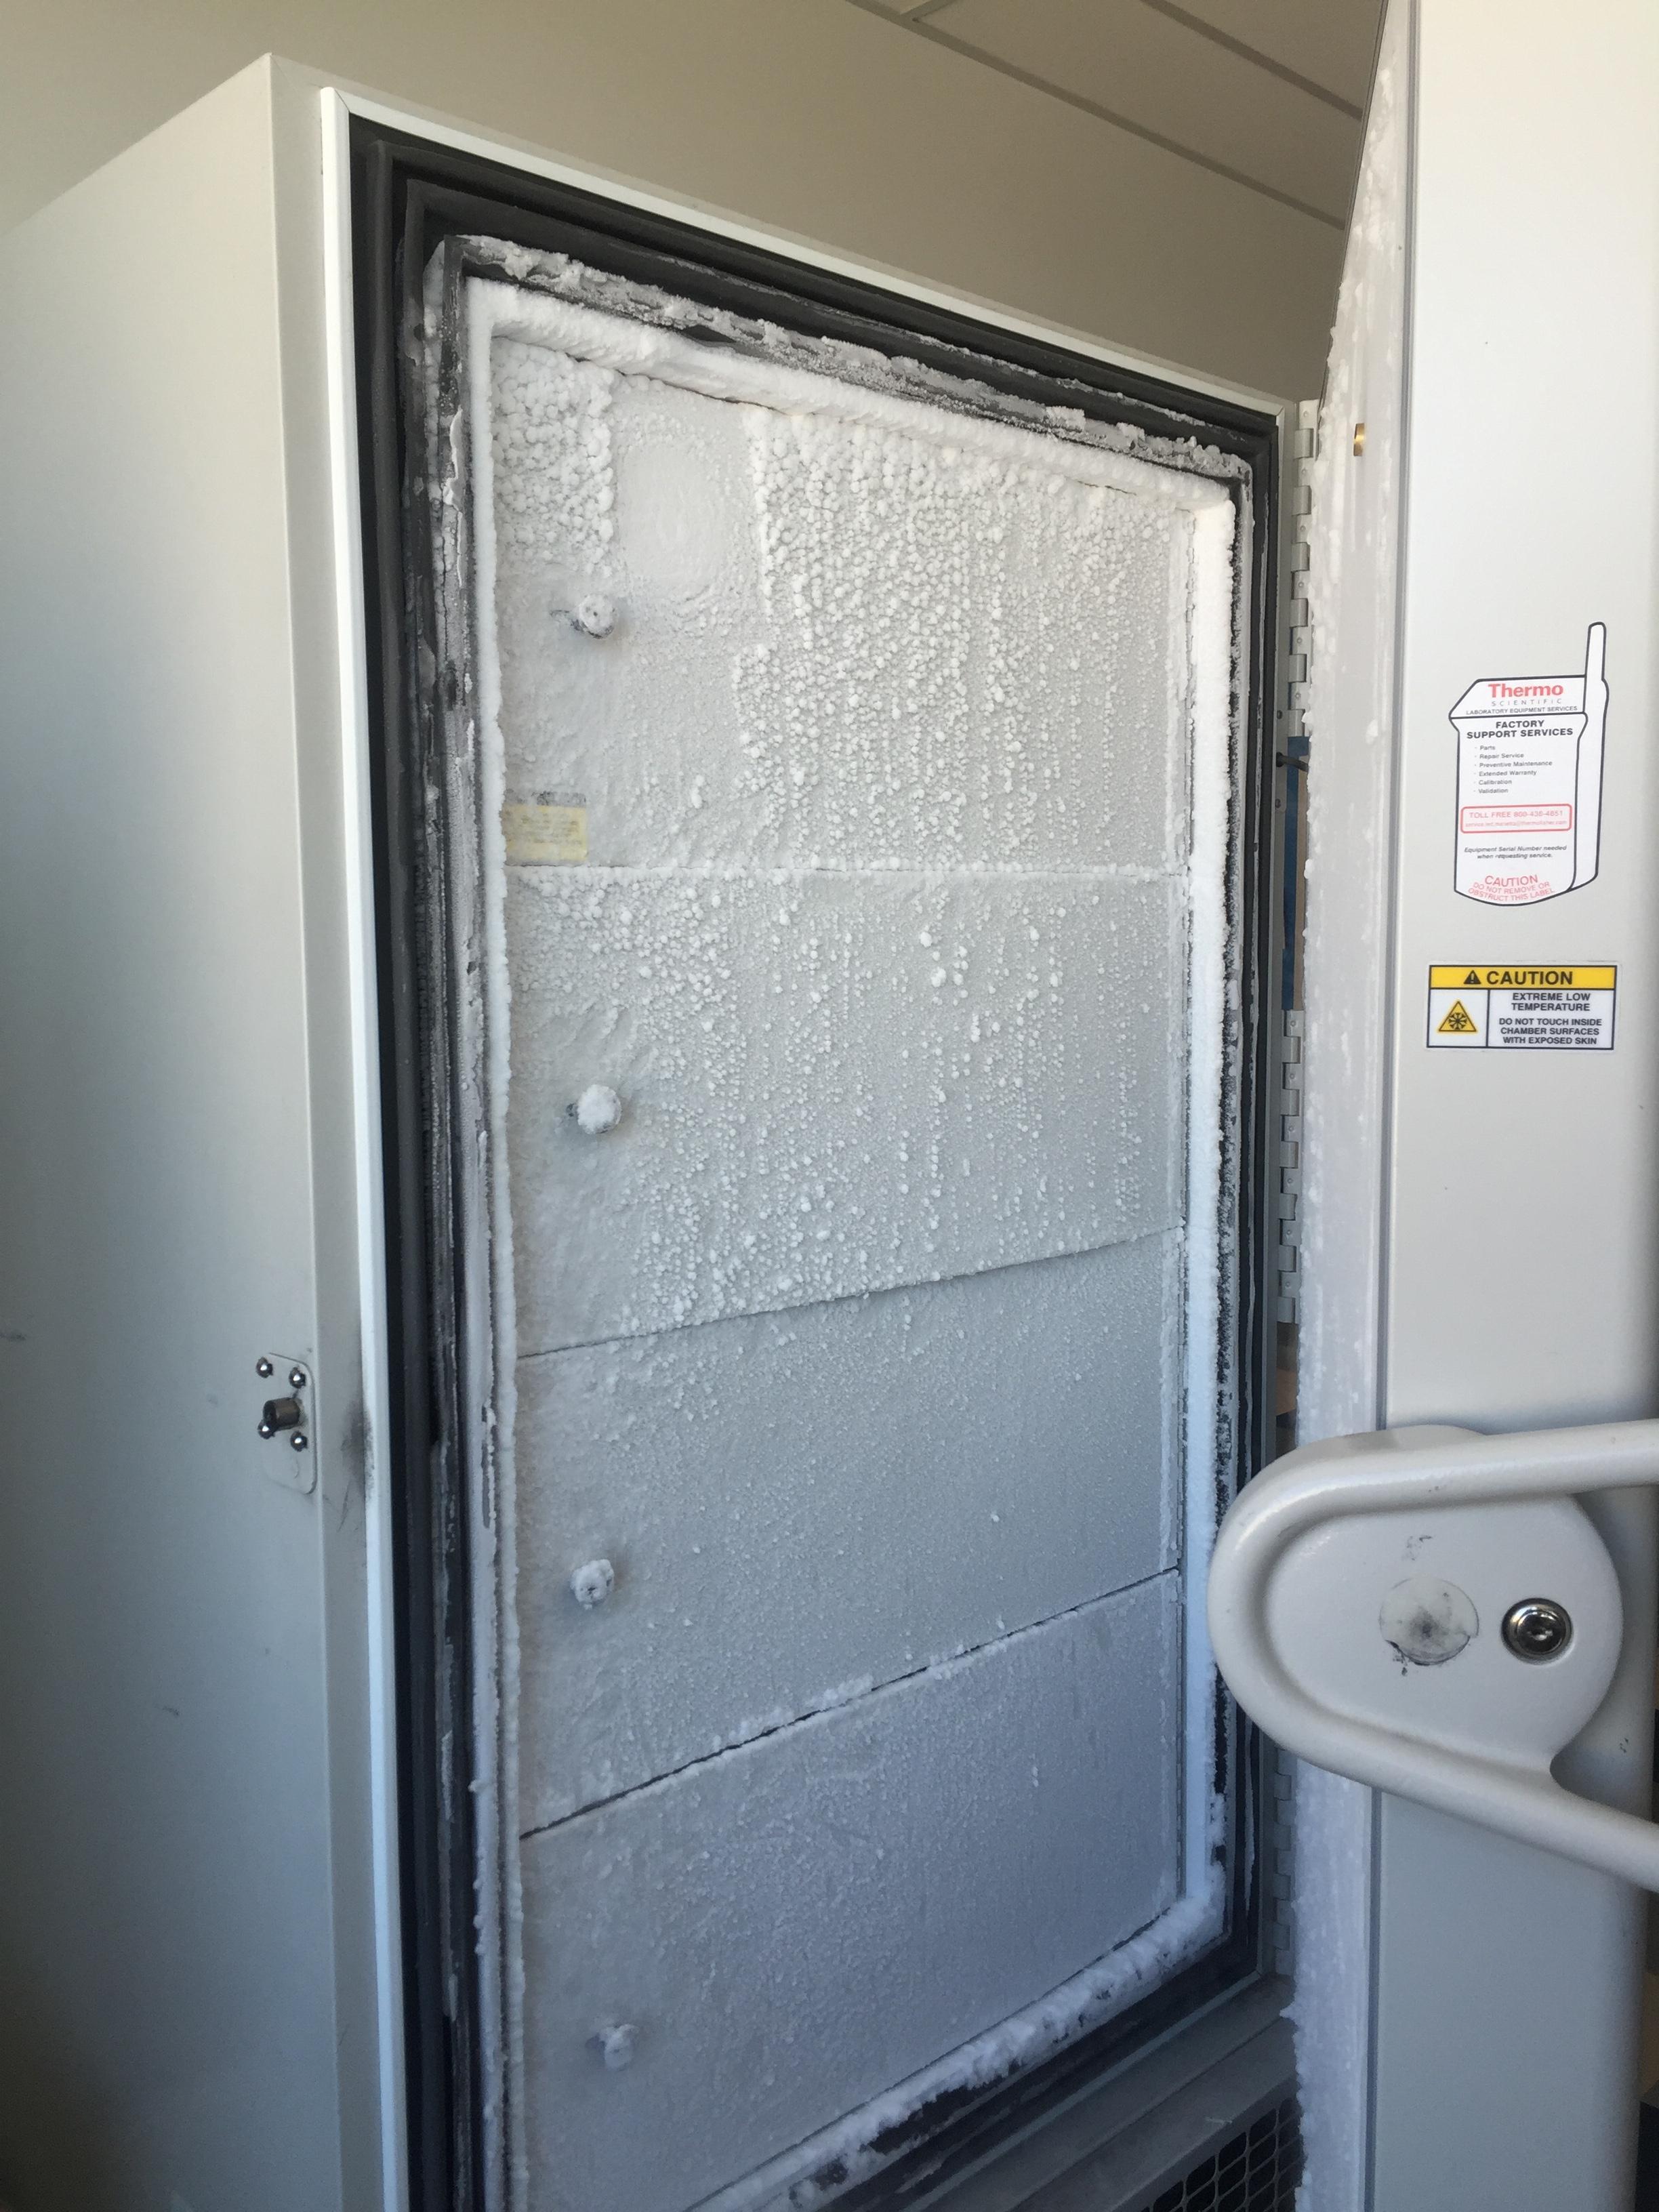 Addgene Freezer